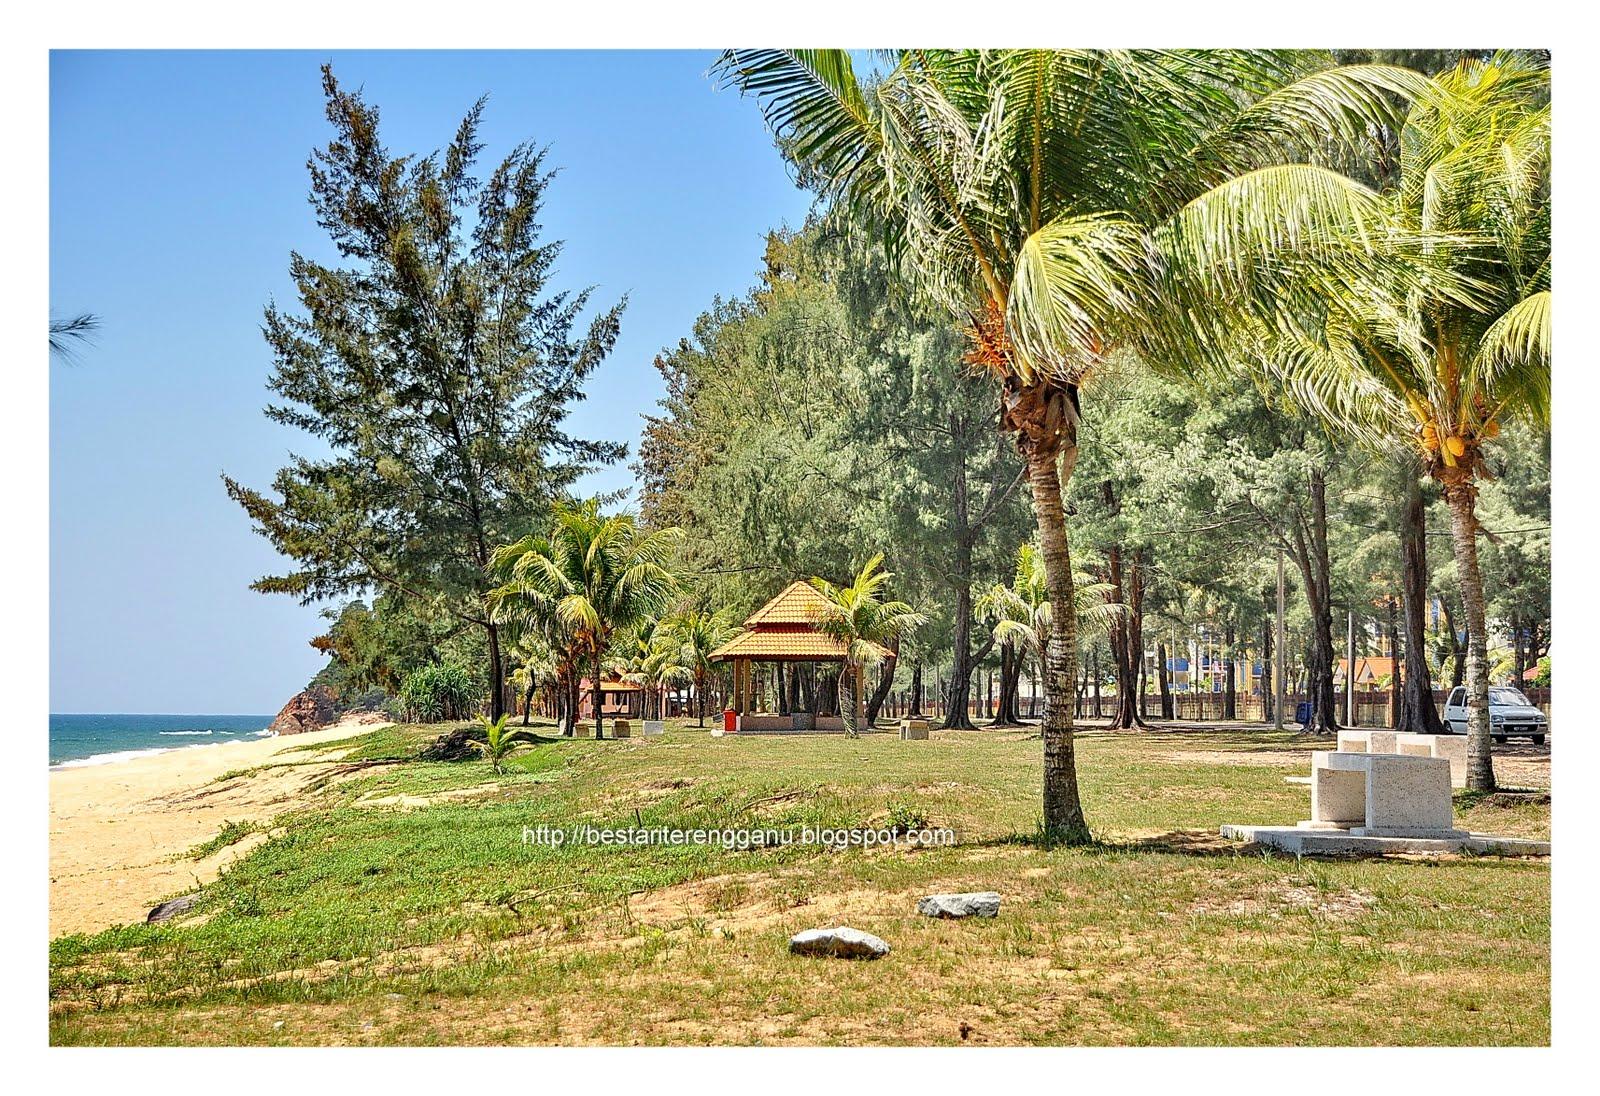 Bestari Terengganu  Taman Bandar Teluk Gadung  Dungun